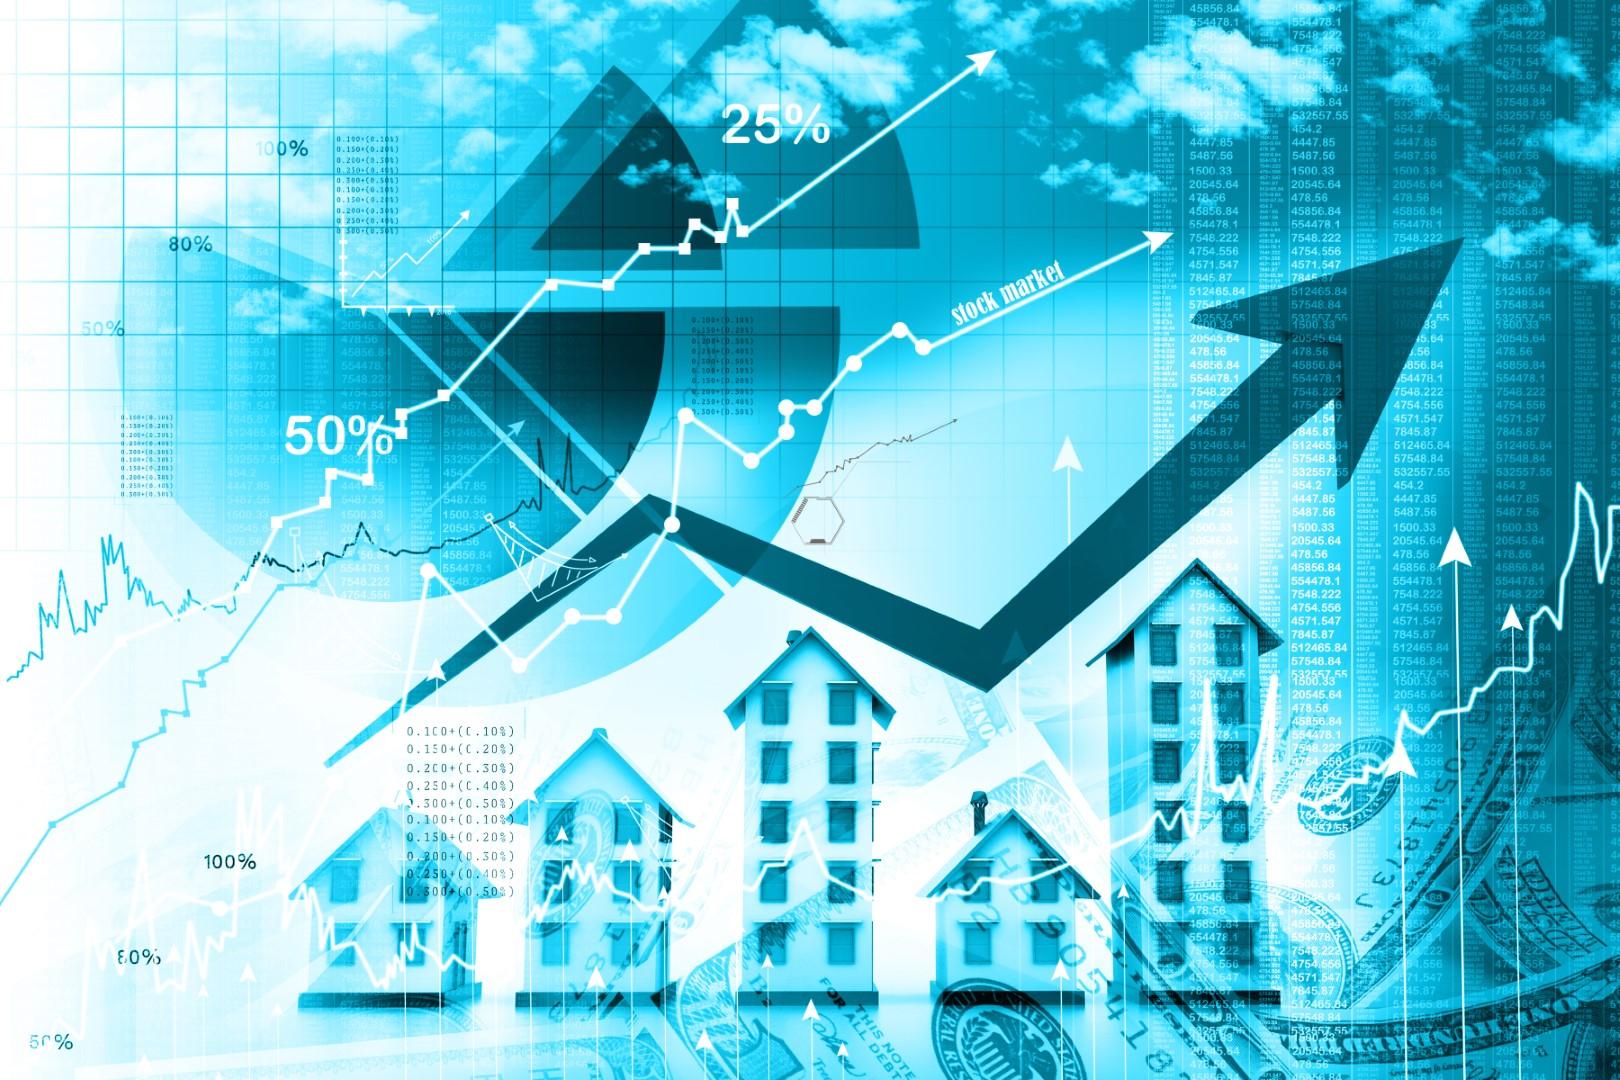 Grčka je pojednostavila poresku politiku prema  novim rezidentima-investitorima